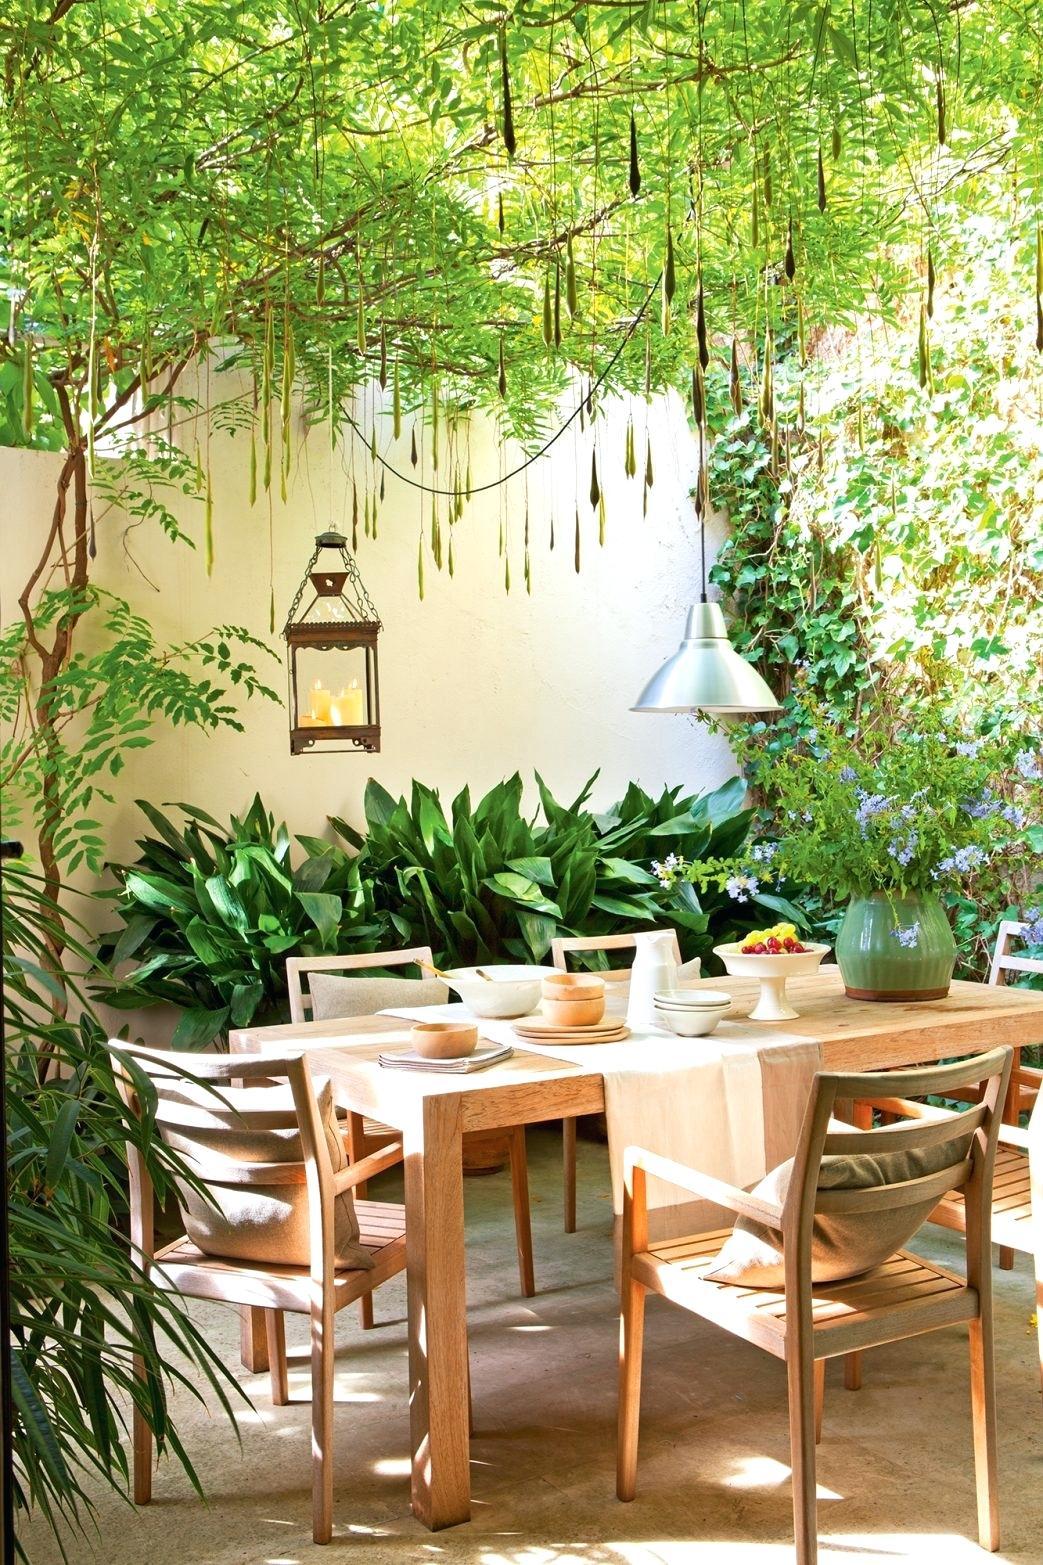 jardín pequeño - mobiliario